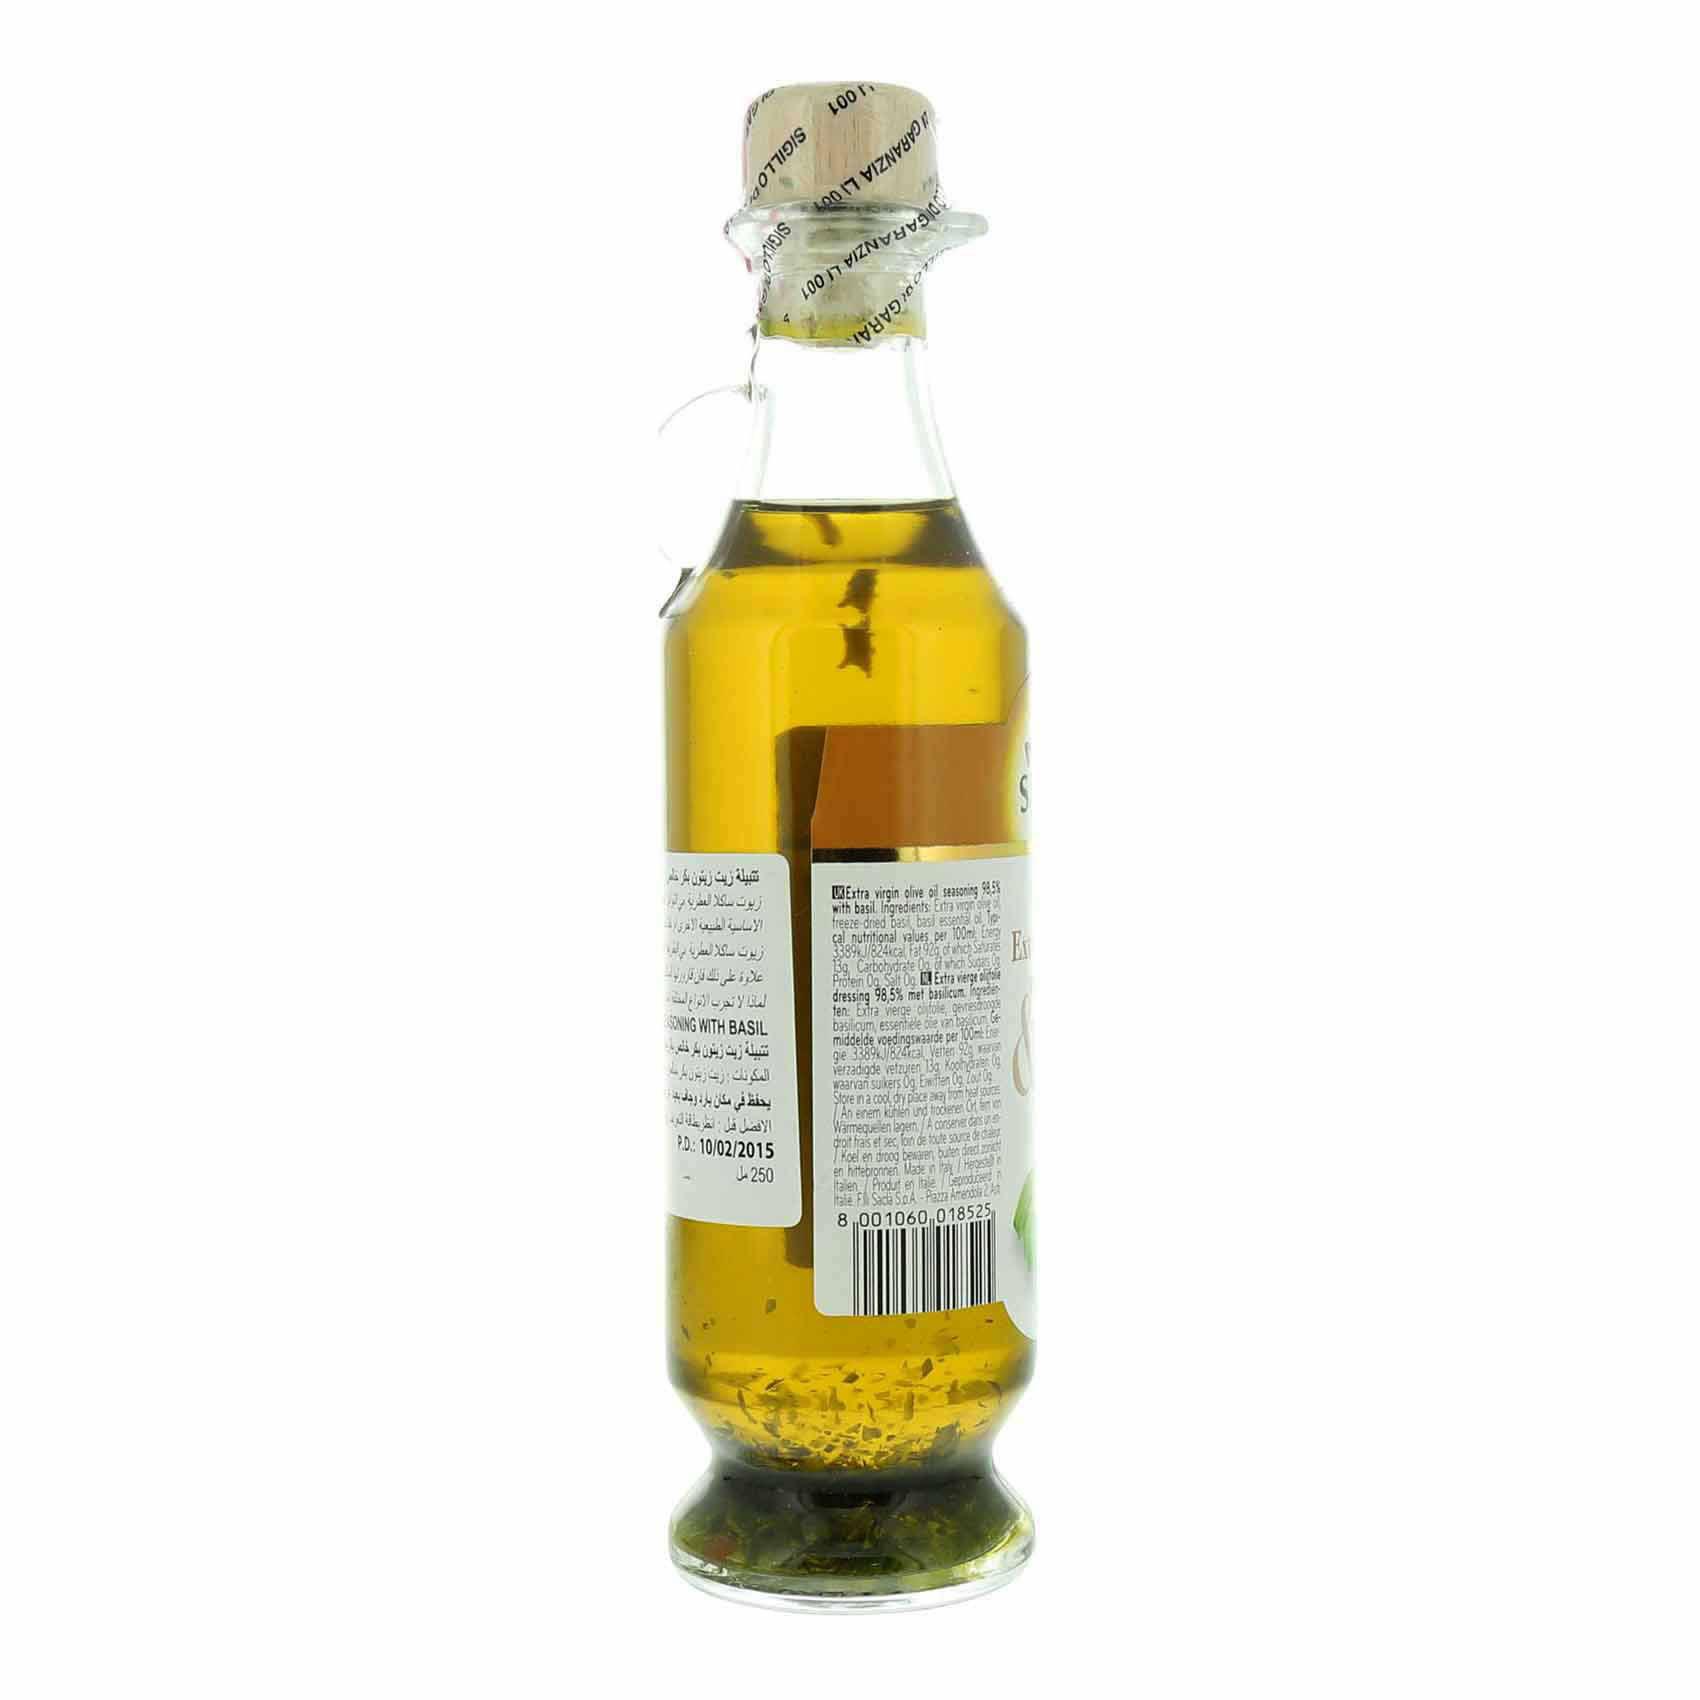 SACLA E/V OLIVE OIL & BASIL 250 ML